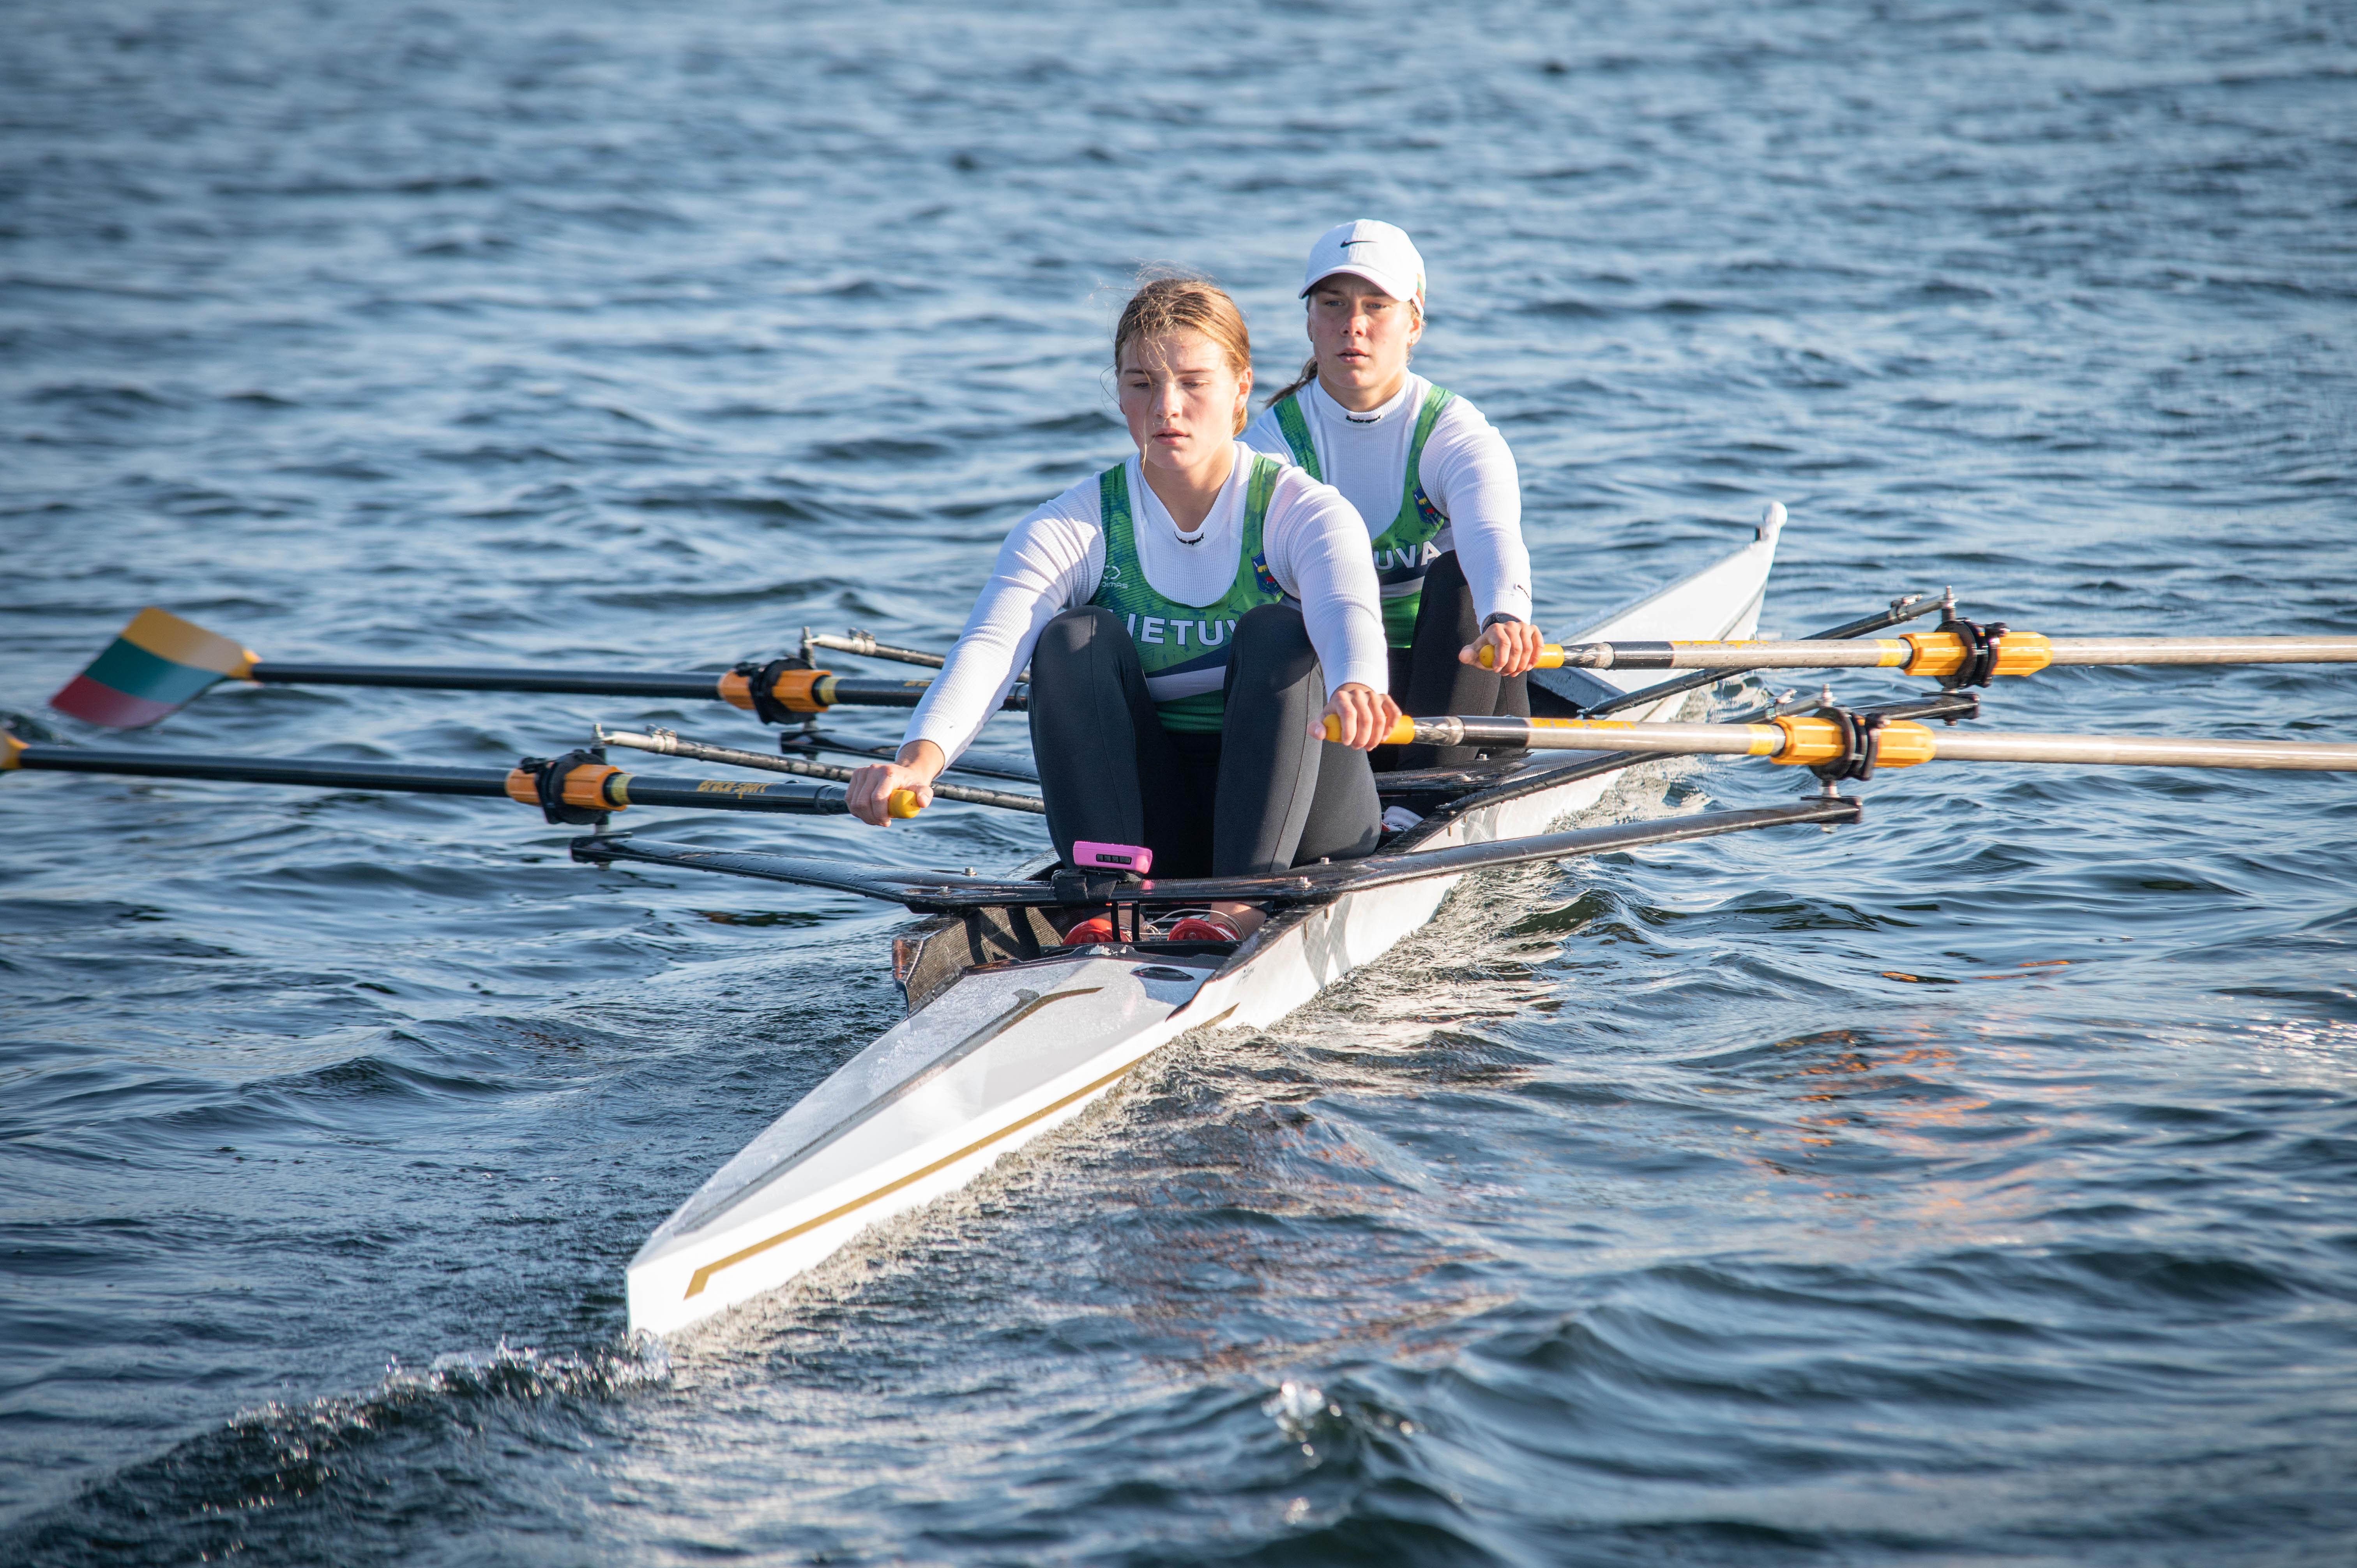 Jaunių rinktinė išvyko į Europos čempionatą